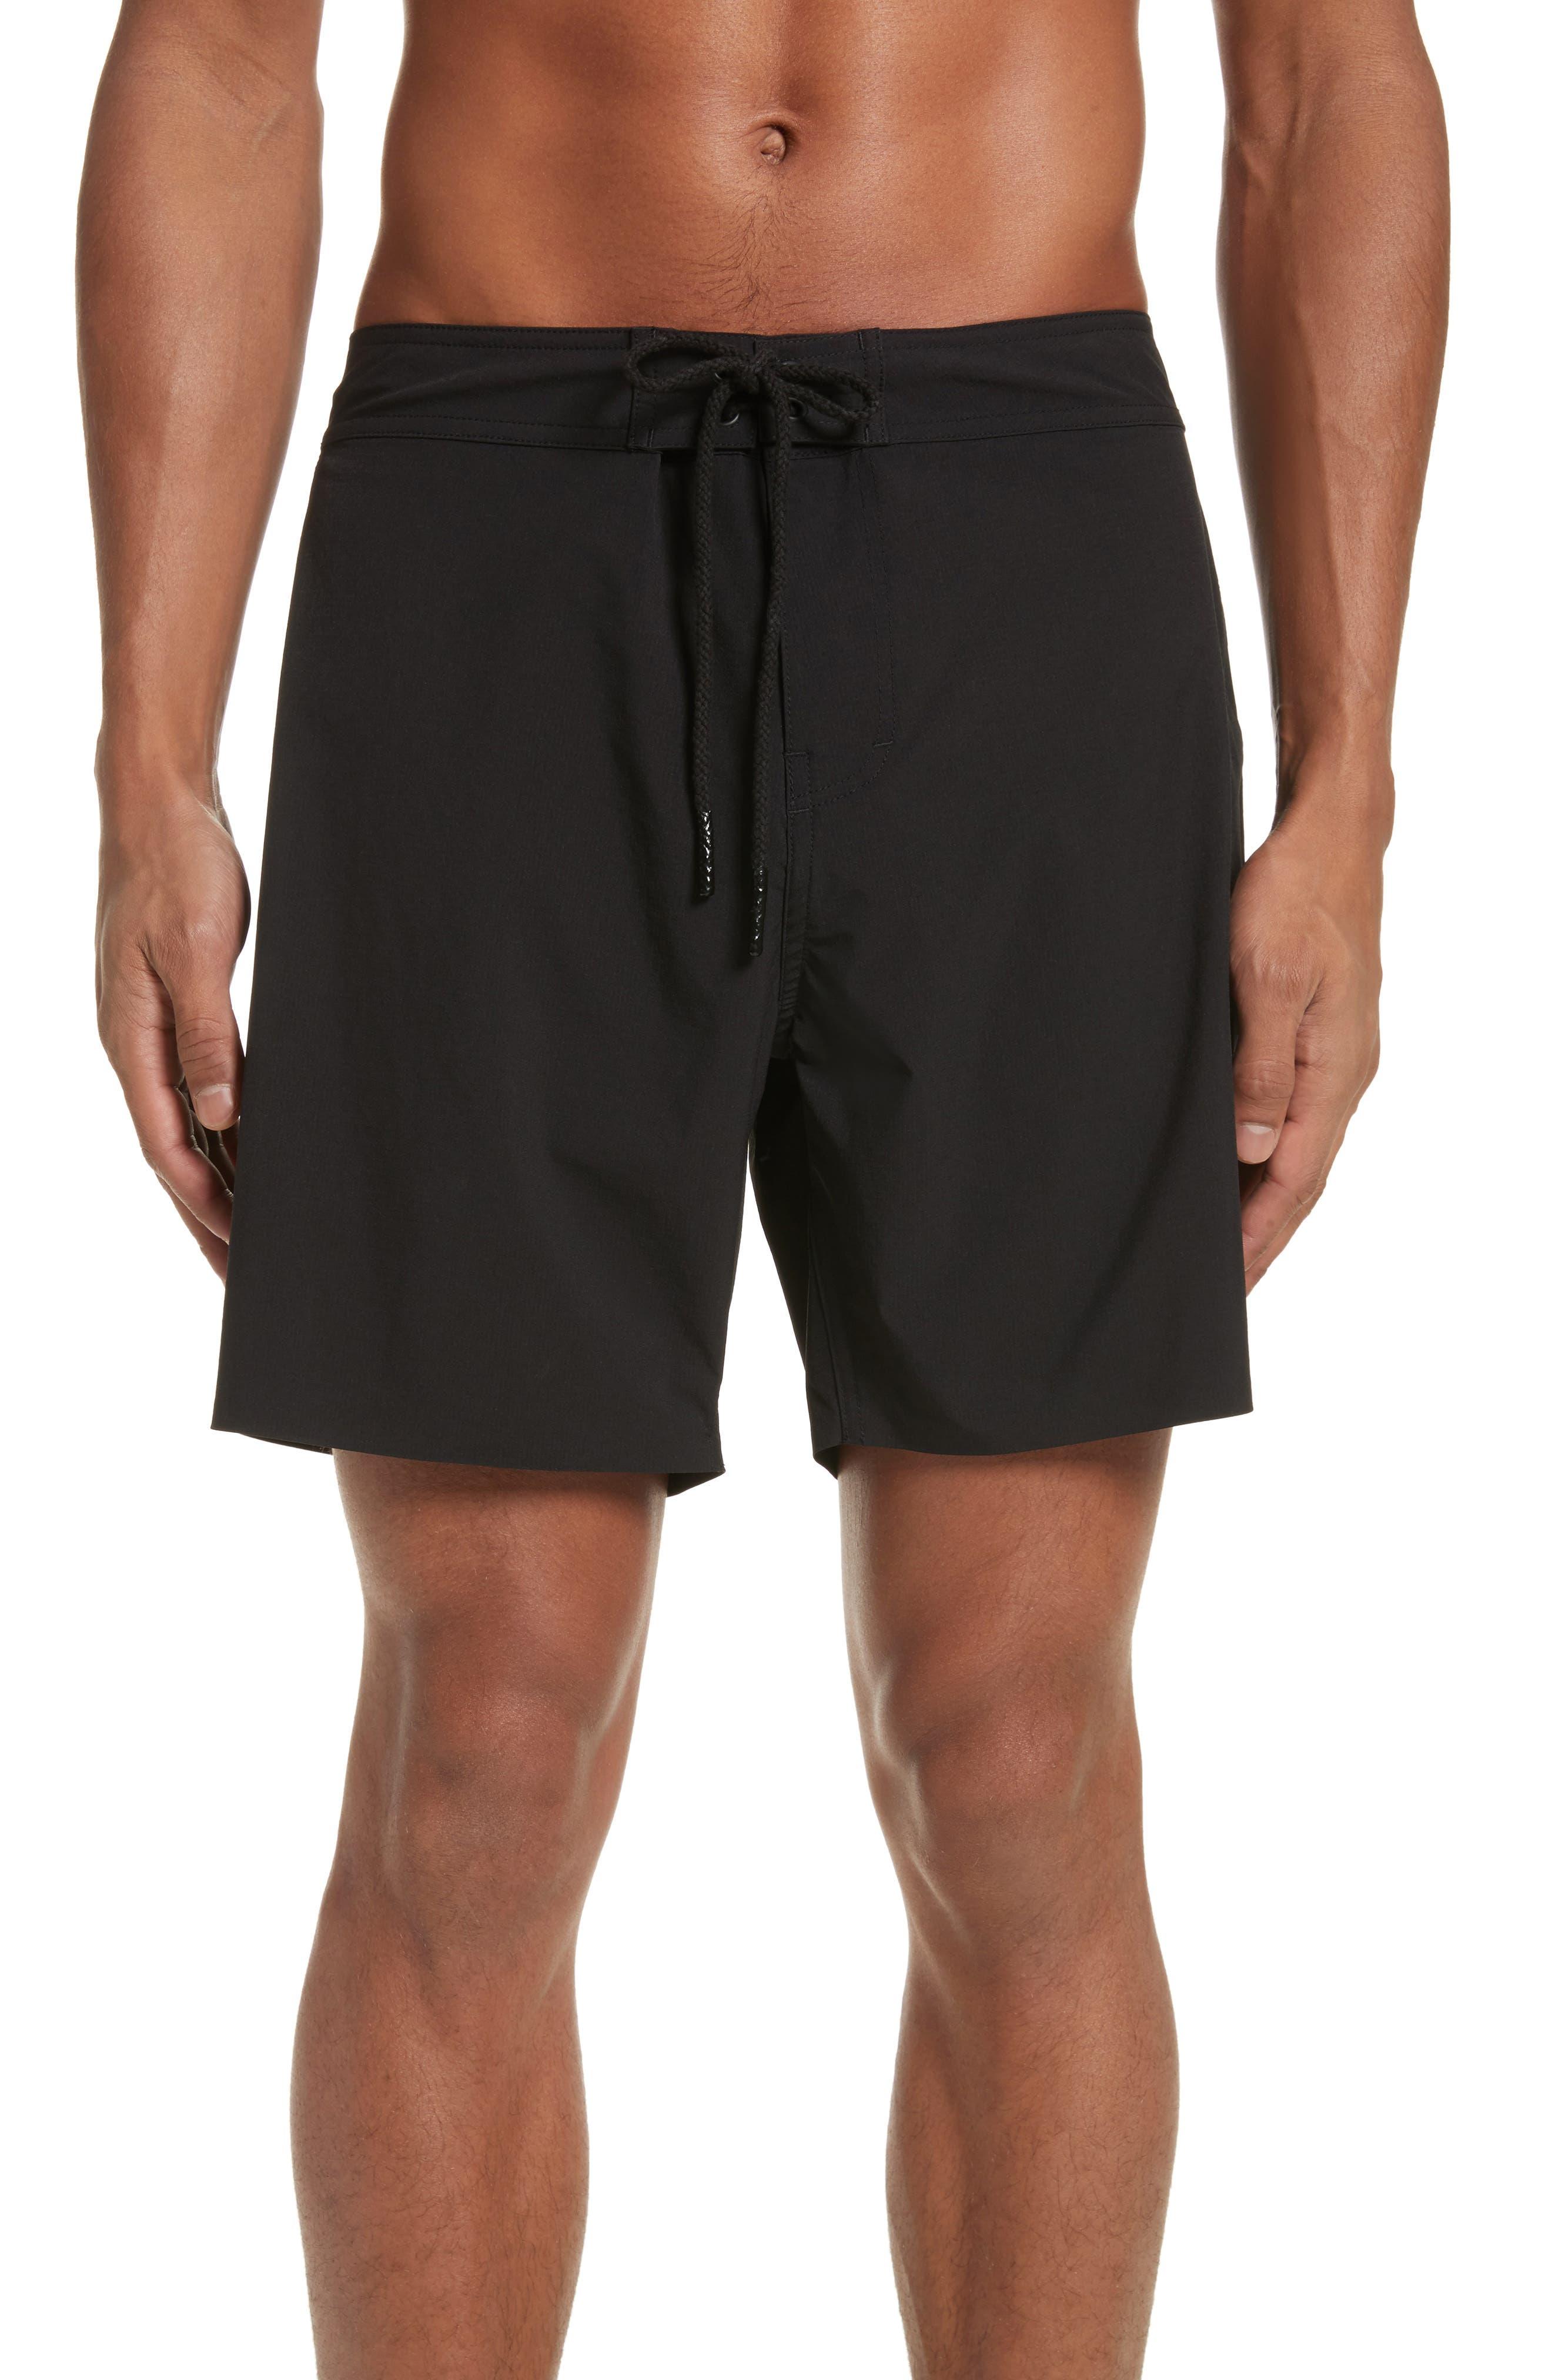 Danny Board Shorts,                             Main thumbnail 1, color,                             Black